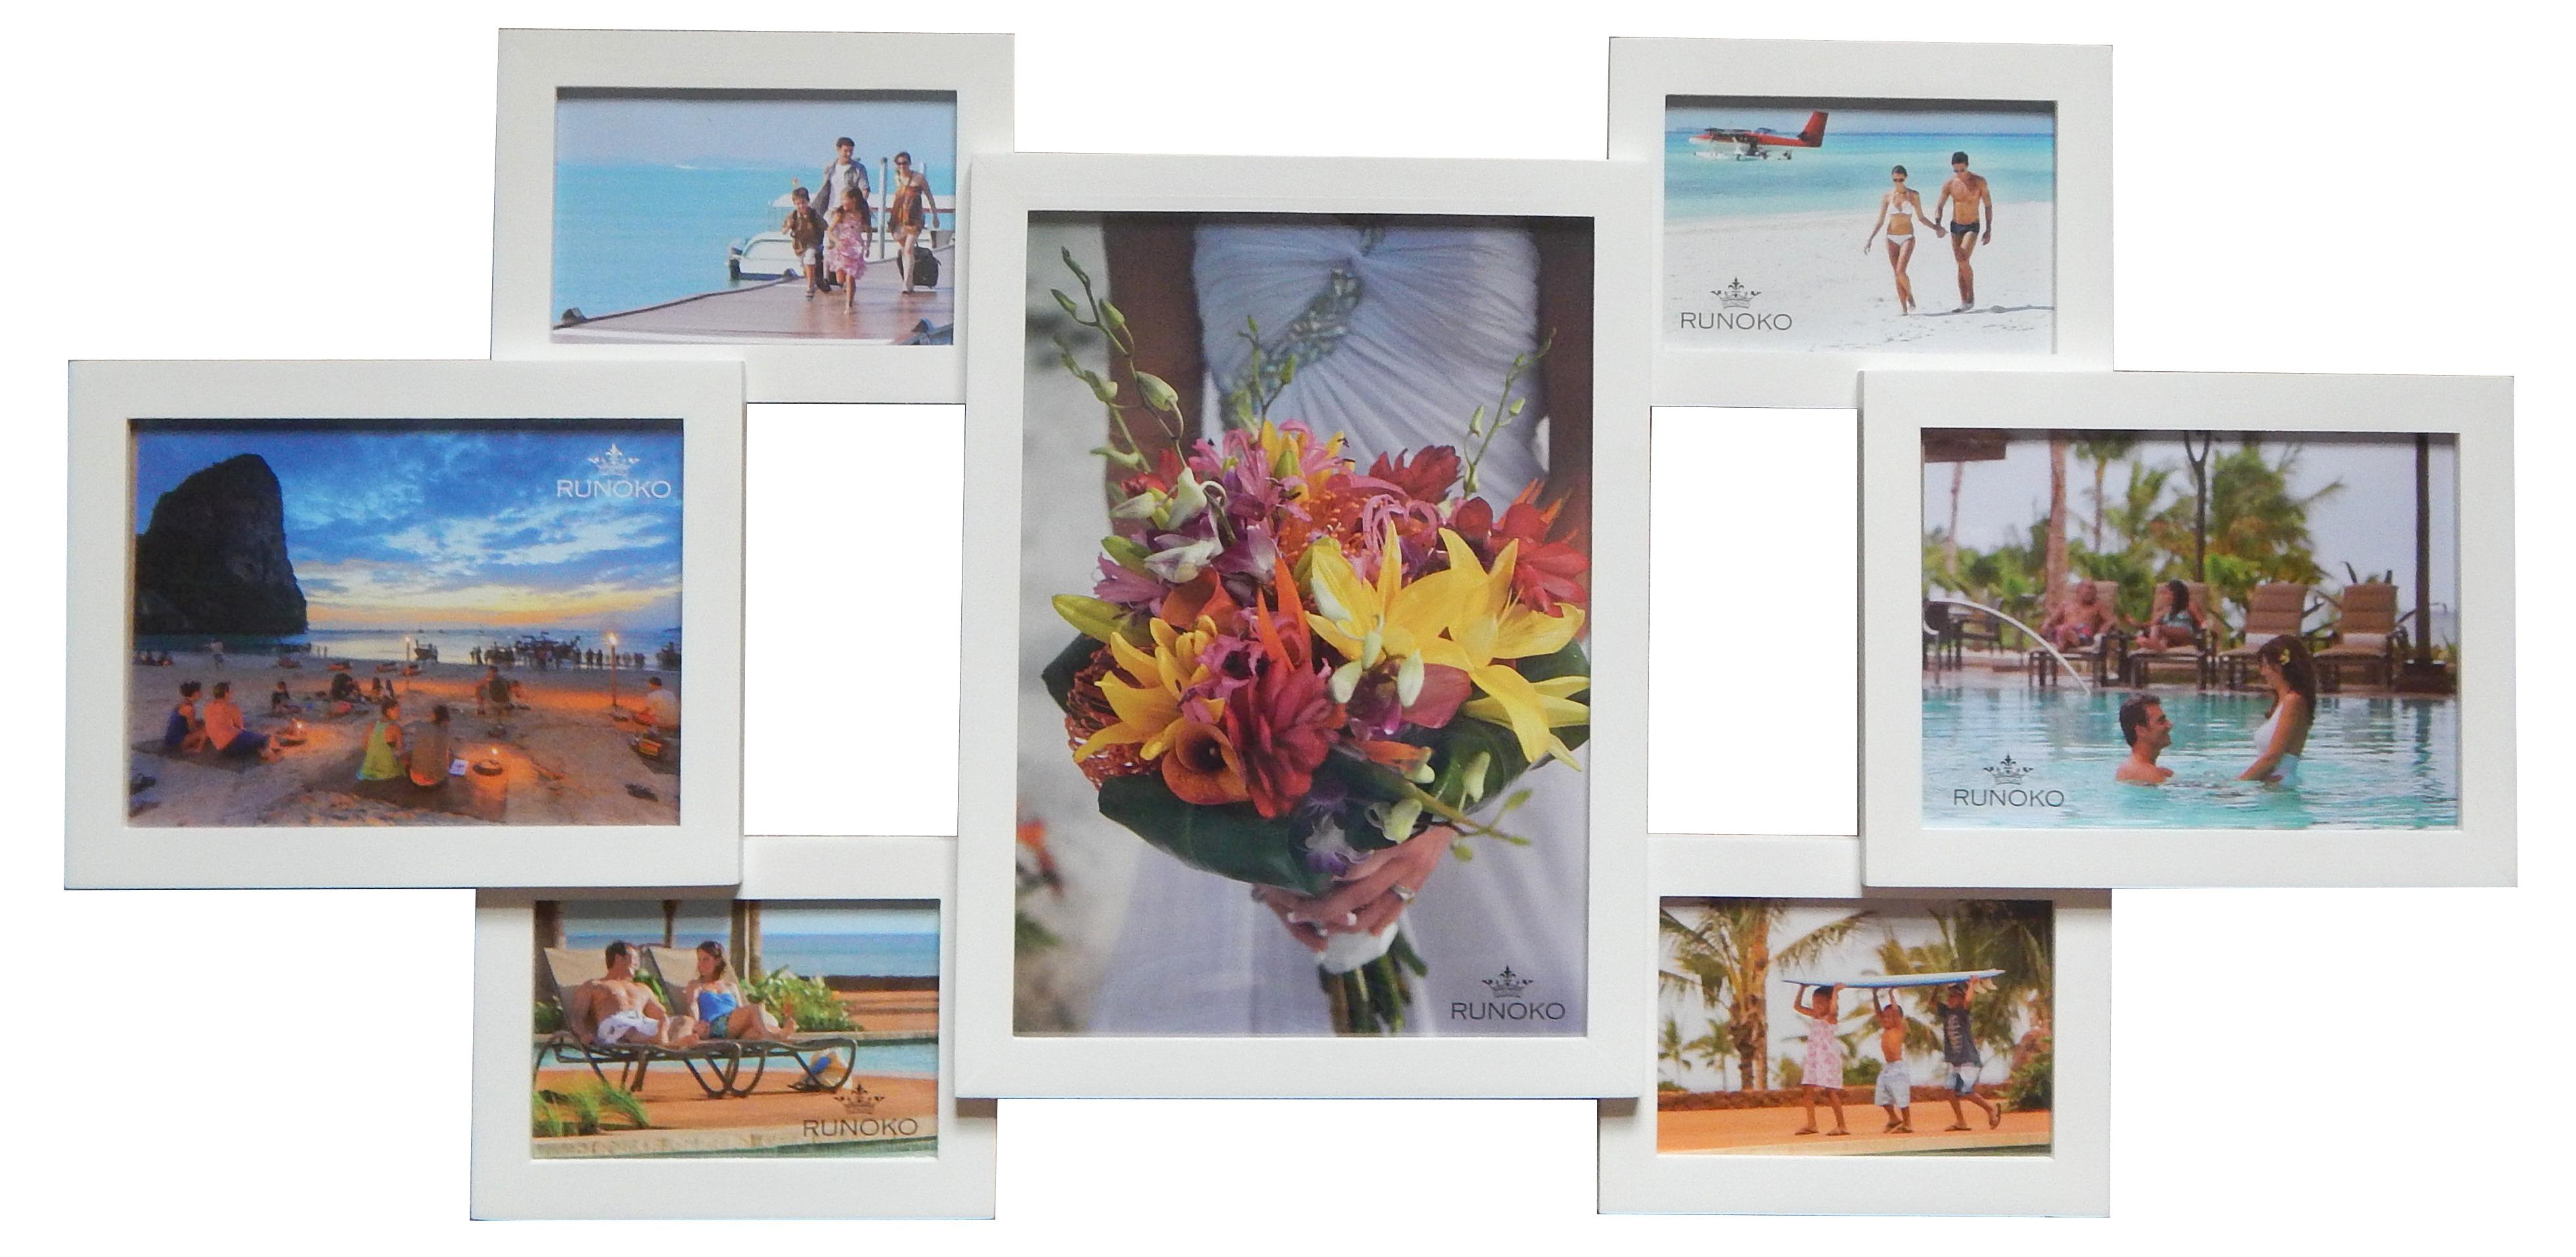 купить рамка для фото на стену на несколько фотографий Запорожье